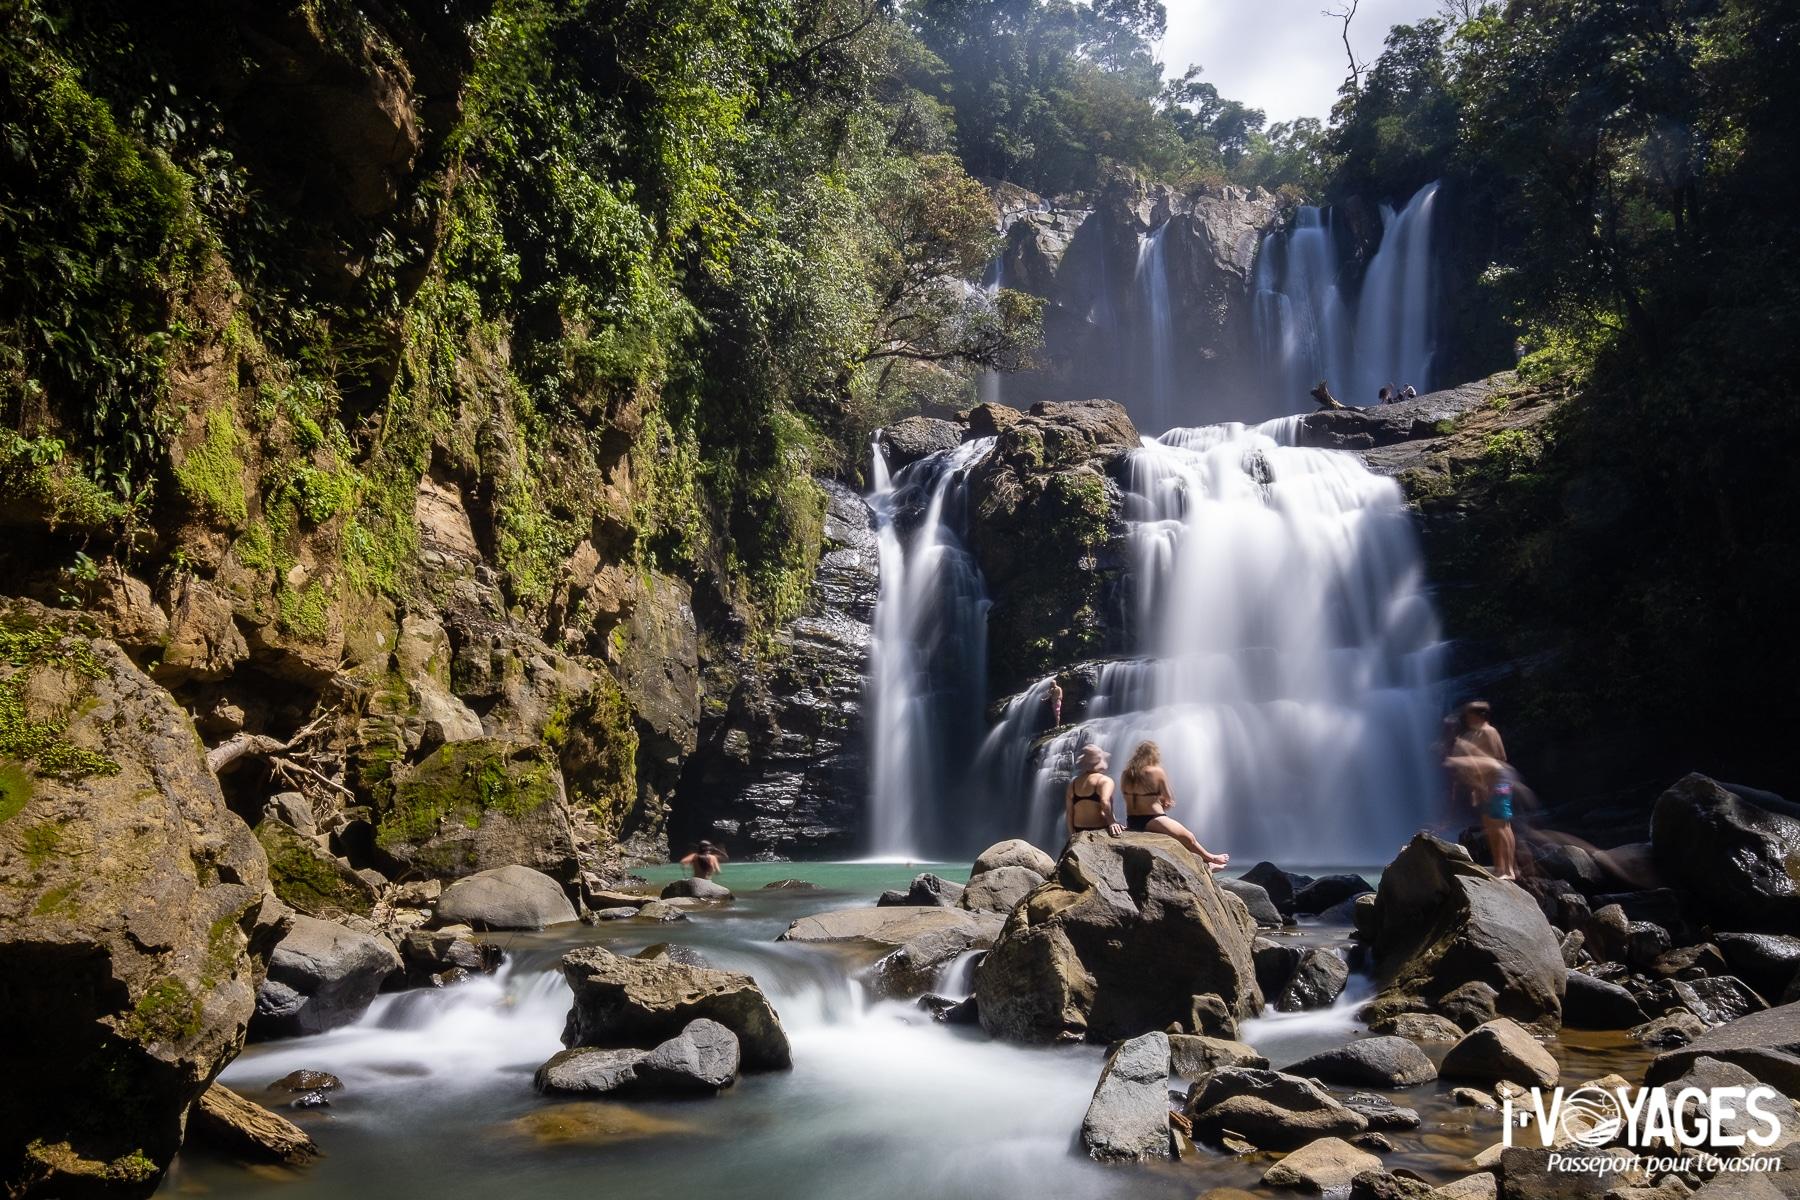 Se baigner au pied d'une cascade, 10 expériences nature à vivre au Costa Rica